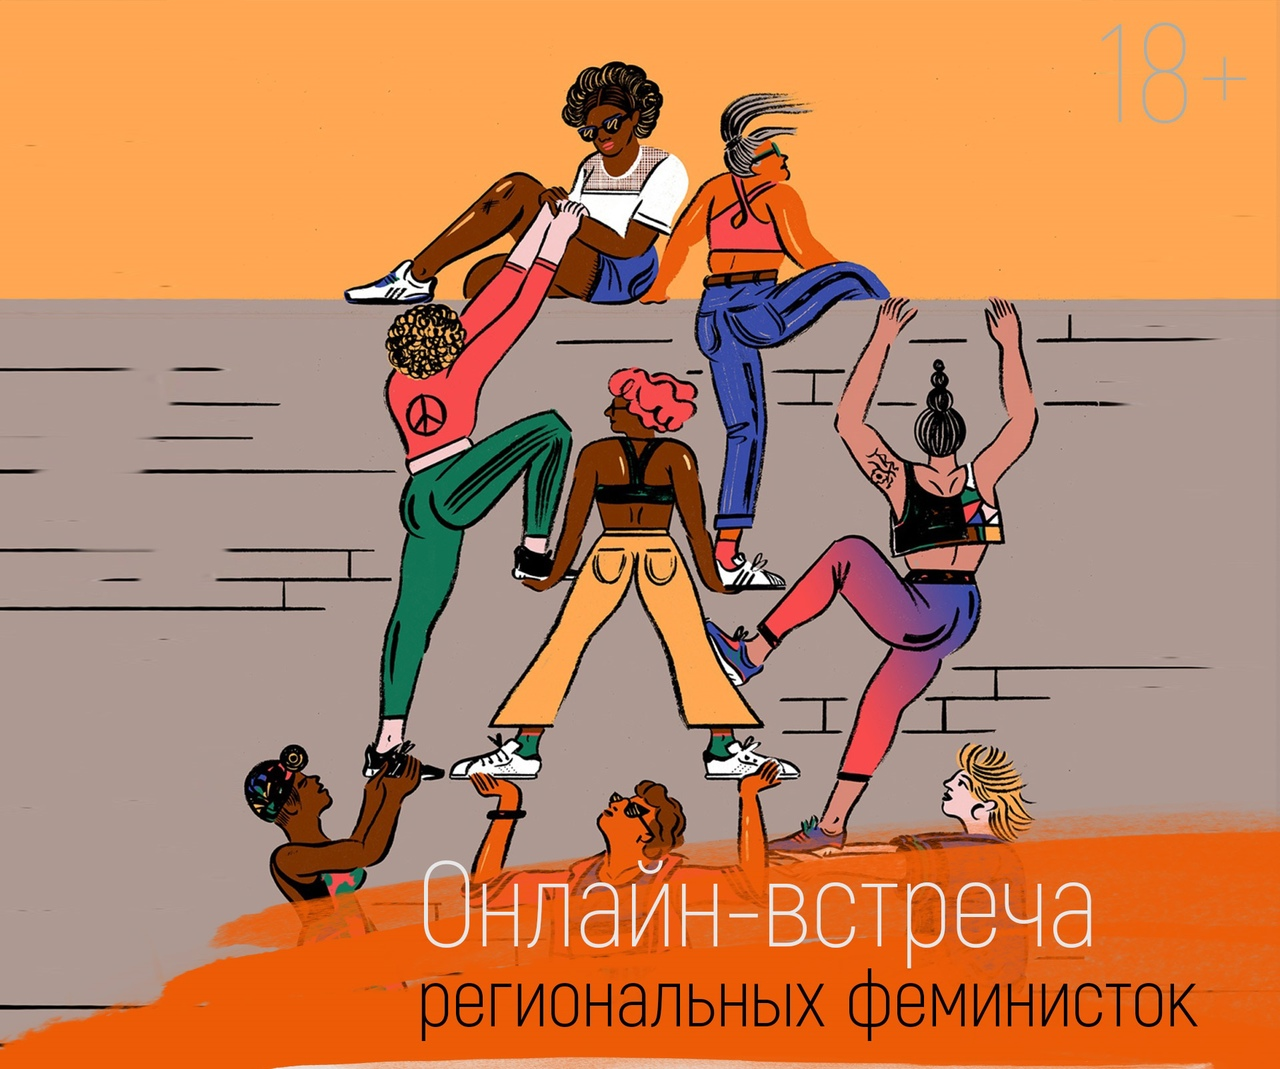 Афиша Уфа Онлайн-встречи региональных феминисток